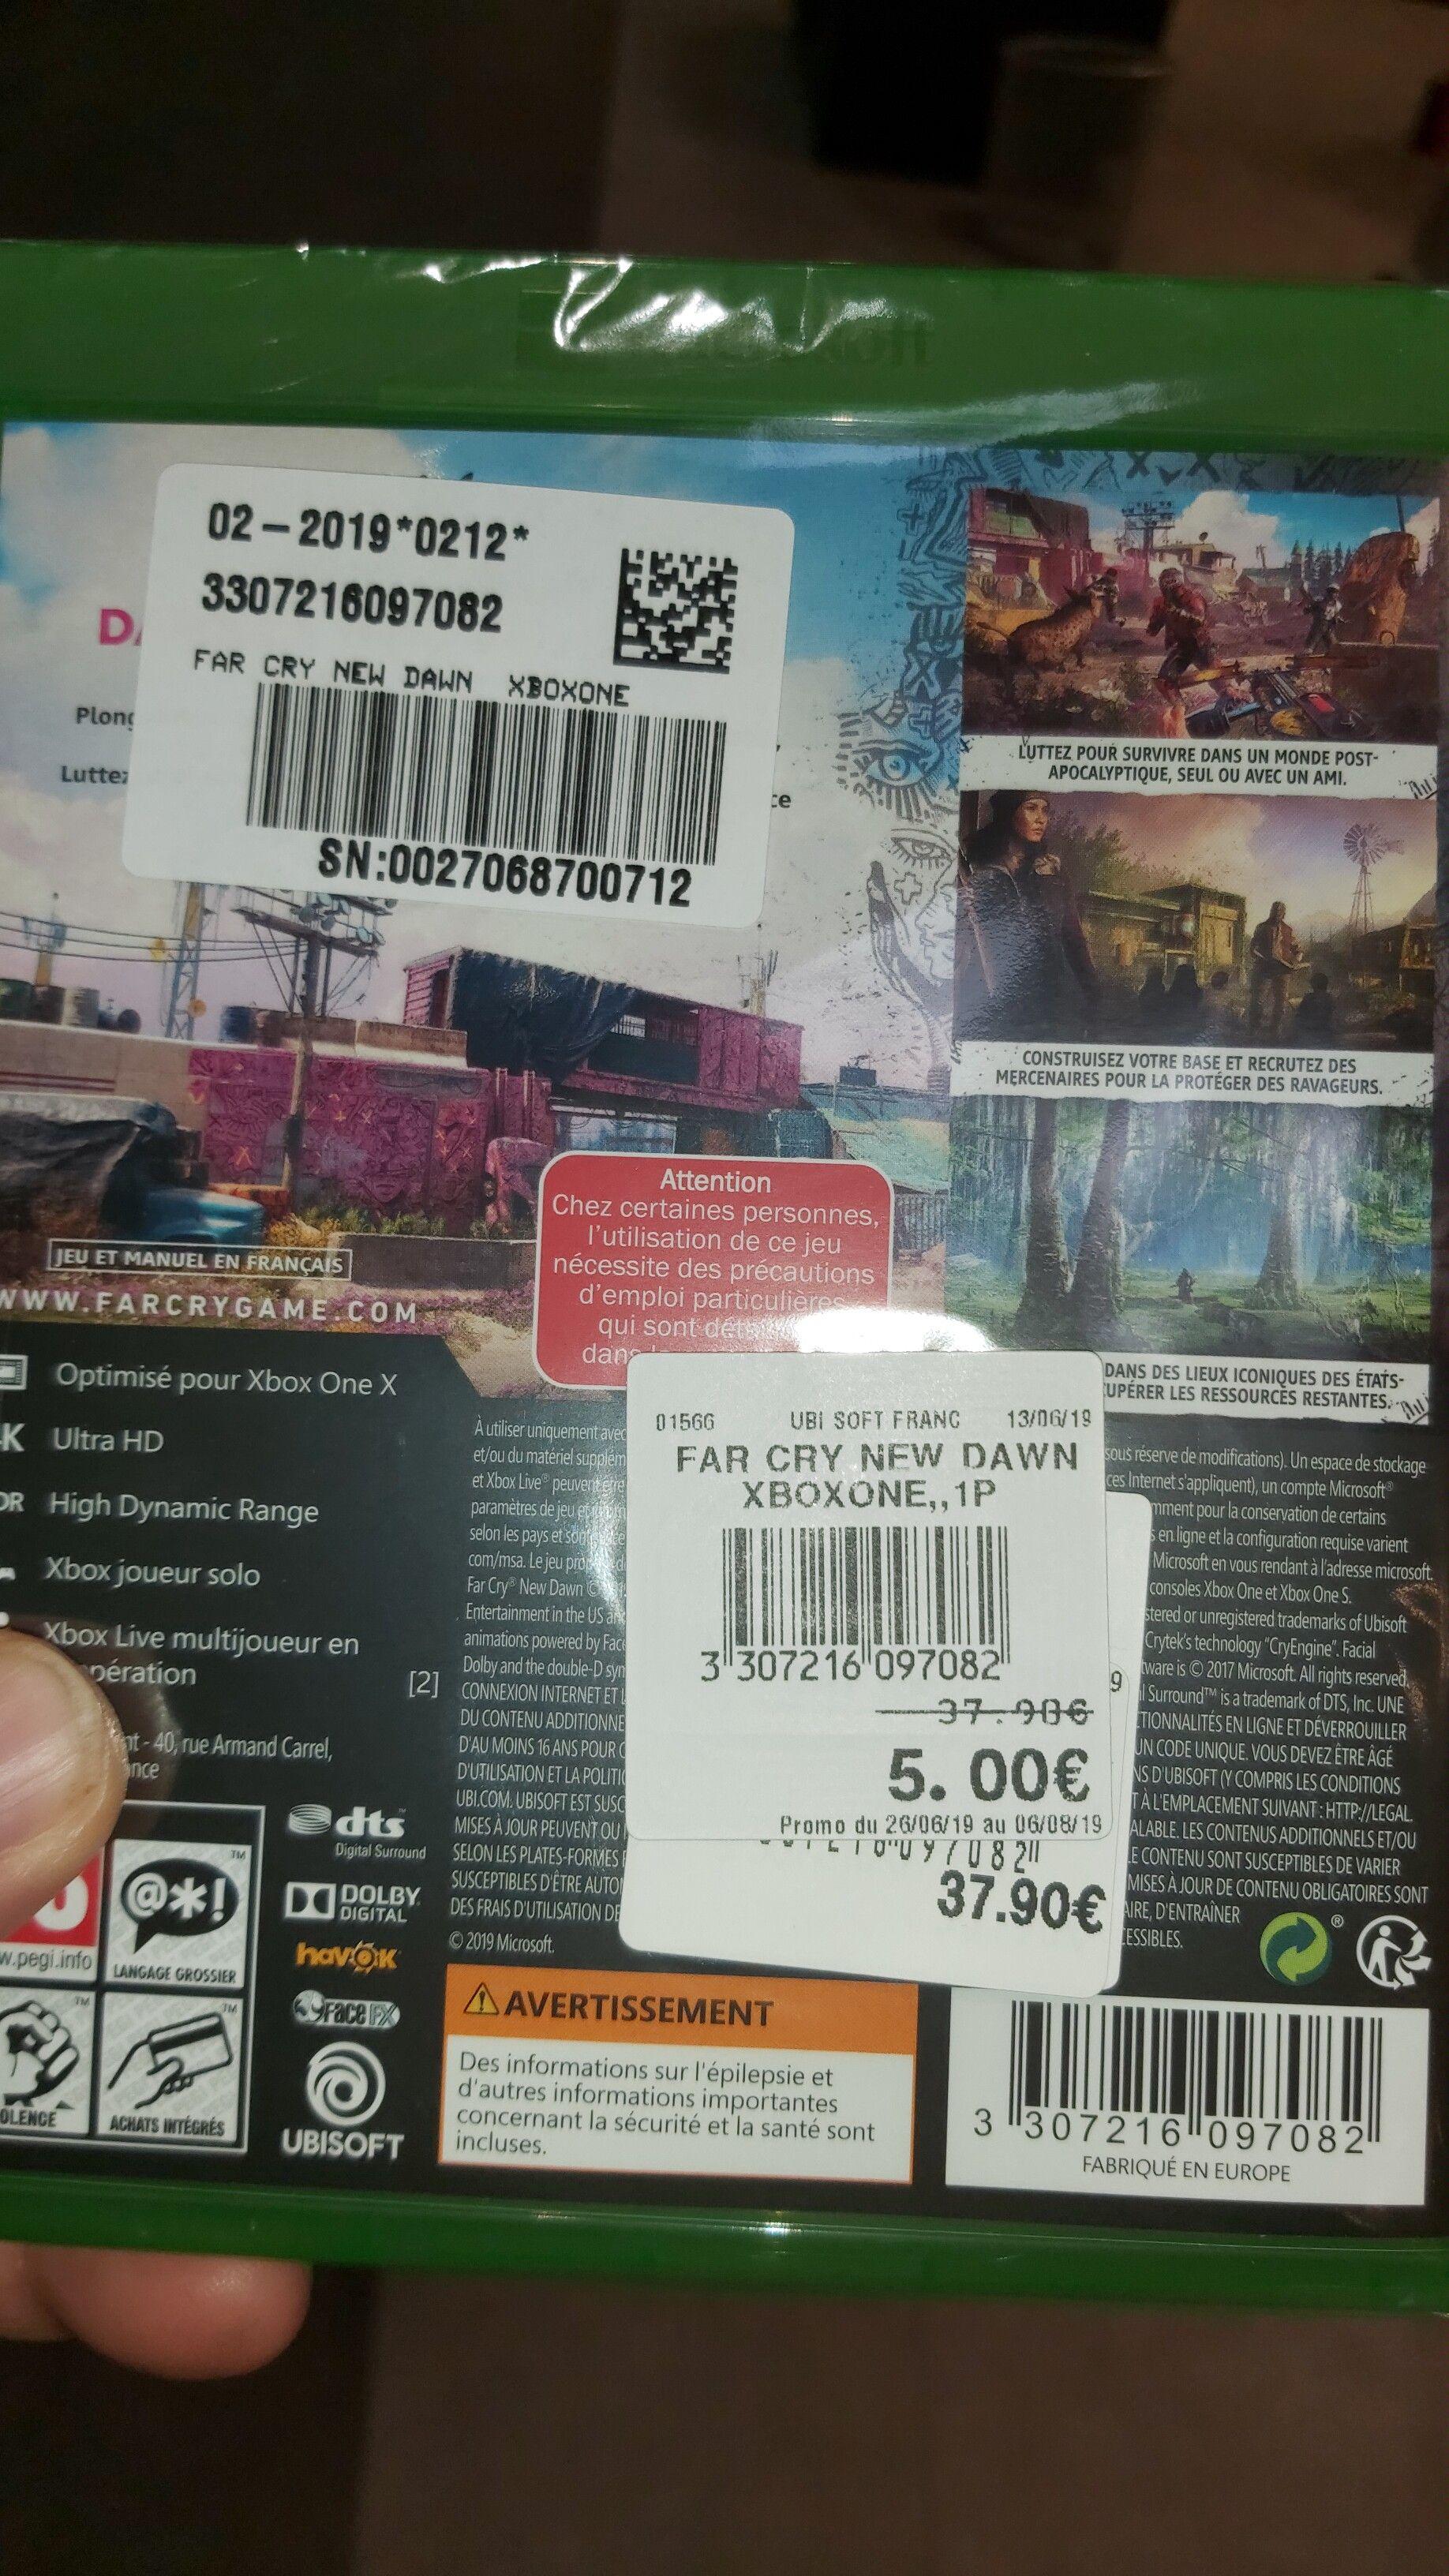 Sélection de jeux sur PS4 ou Xbox One en promotion - Ex:  Jeu Far cry New dawn Urrugne (64)